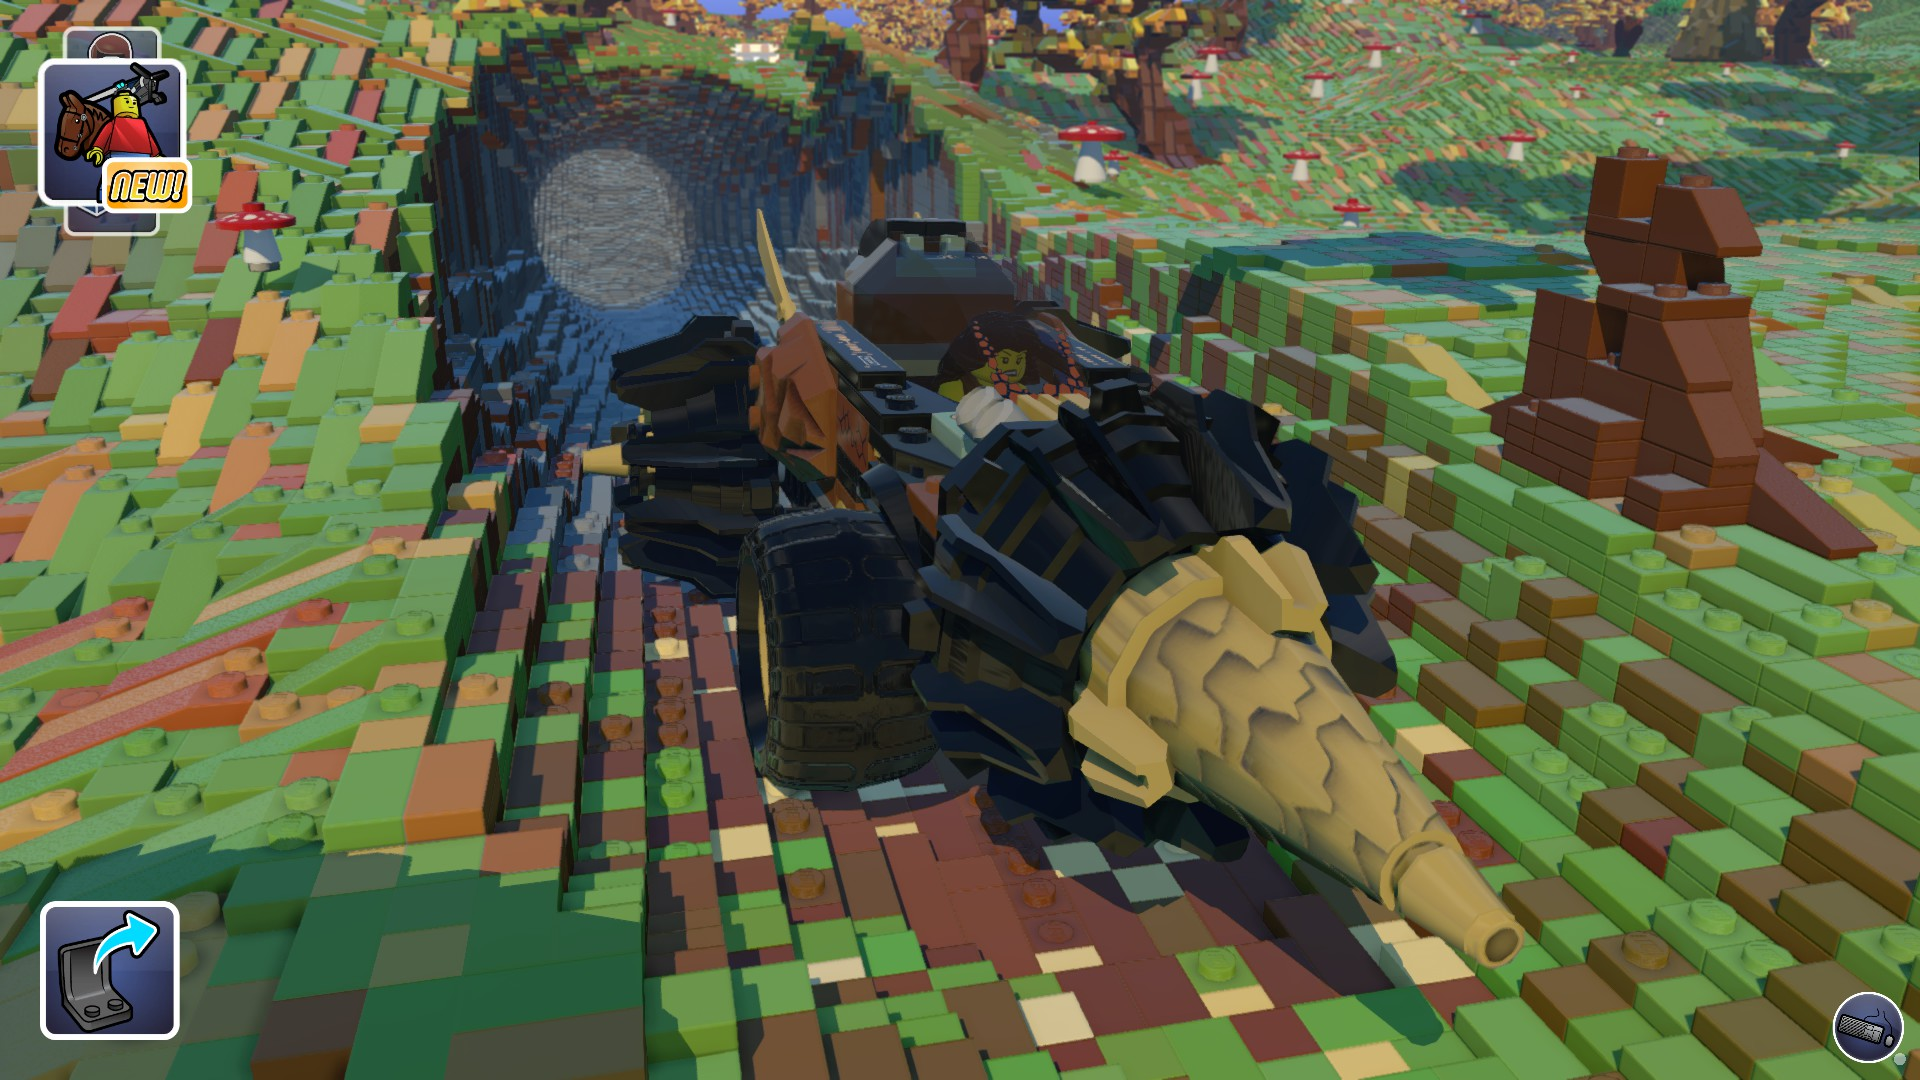 Screenshot: Ein weiblicher LEGO-Charakter steuert einen vierrädrigen Tunnelbohrer aus einem gebohrten Loch in der LEGO-Landschaft